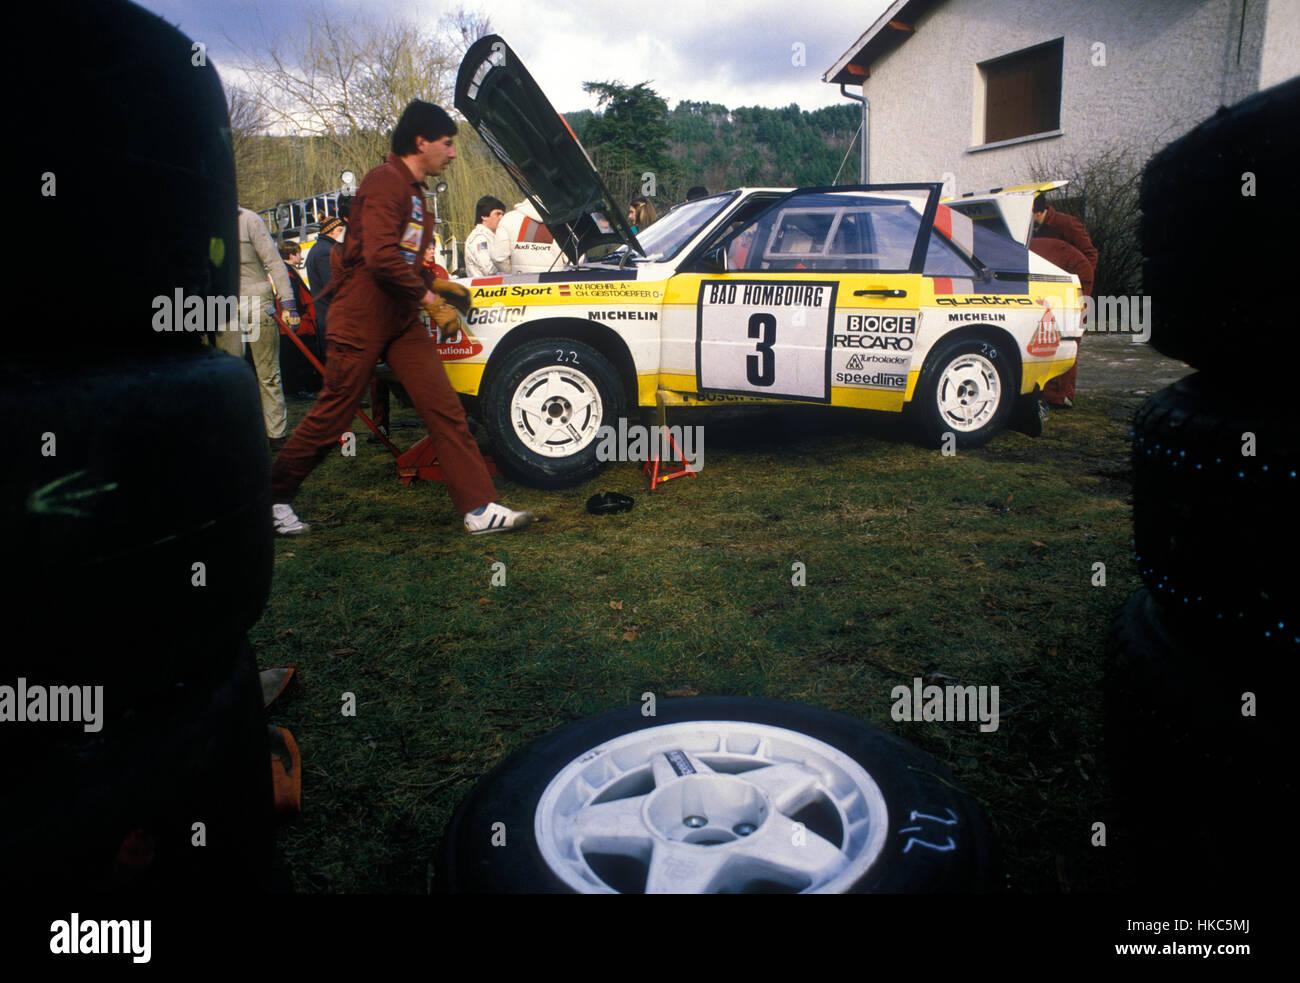 Audi Rally Stock Photos Audi Rally Stock Images Alamy - Walter audi